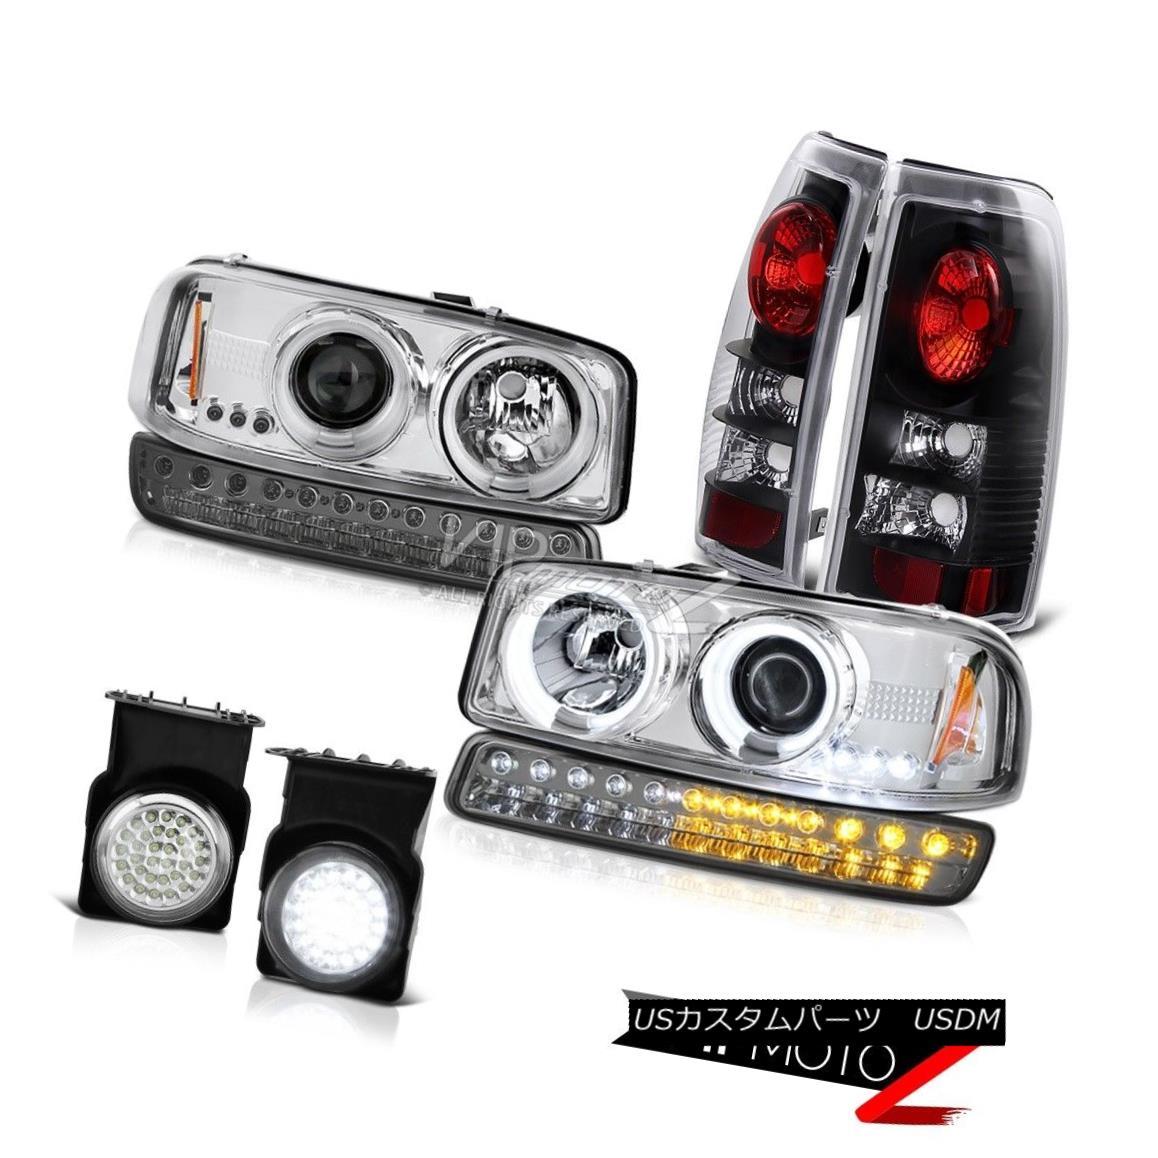 ヘッドライト 03 04 05 06 Sierra SLE Fog Lights Black Taillights Parking Lamp CCFL Headlamps 03 04 05 06シエラSLEフォグライトブラックテールライトパーキングランプCCFLヘッドランプ